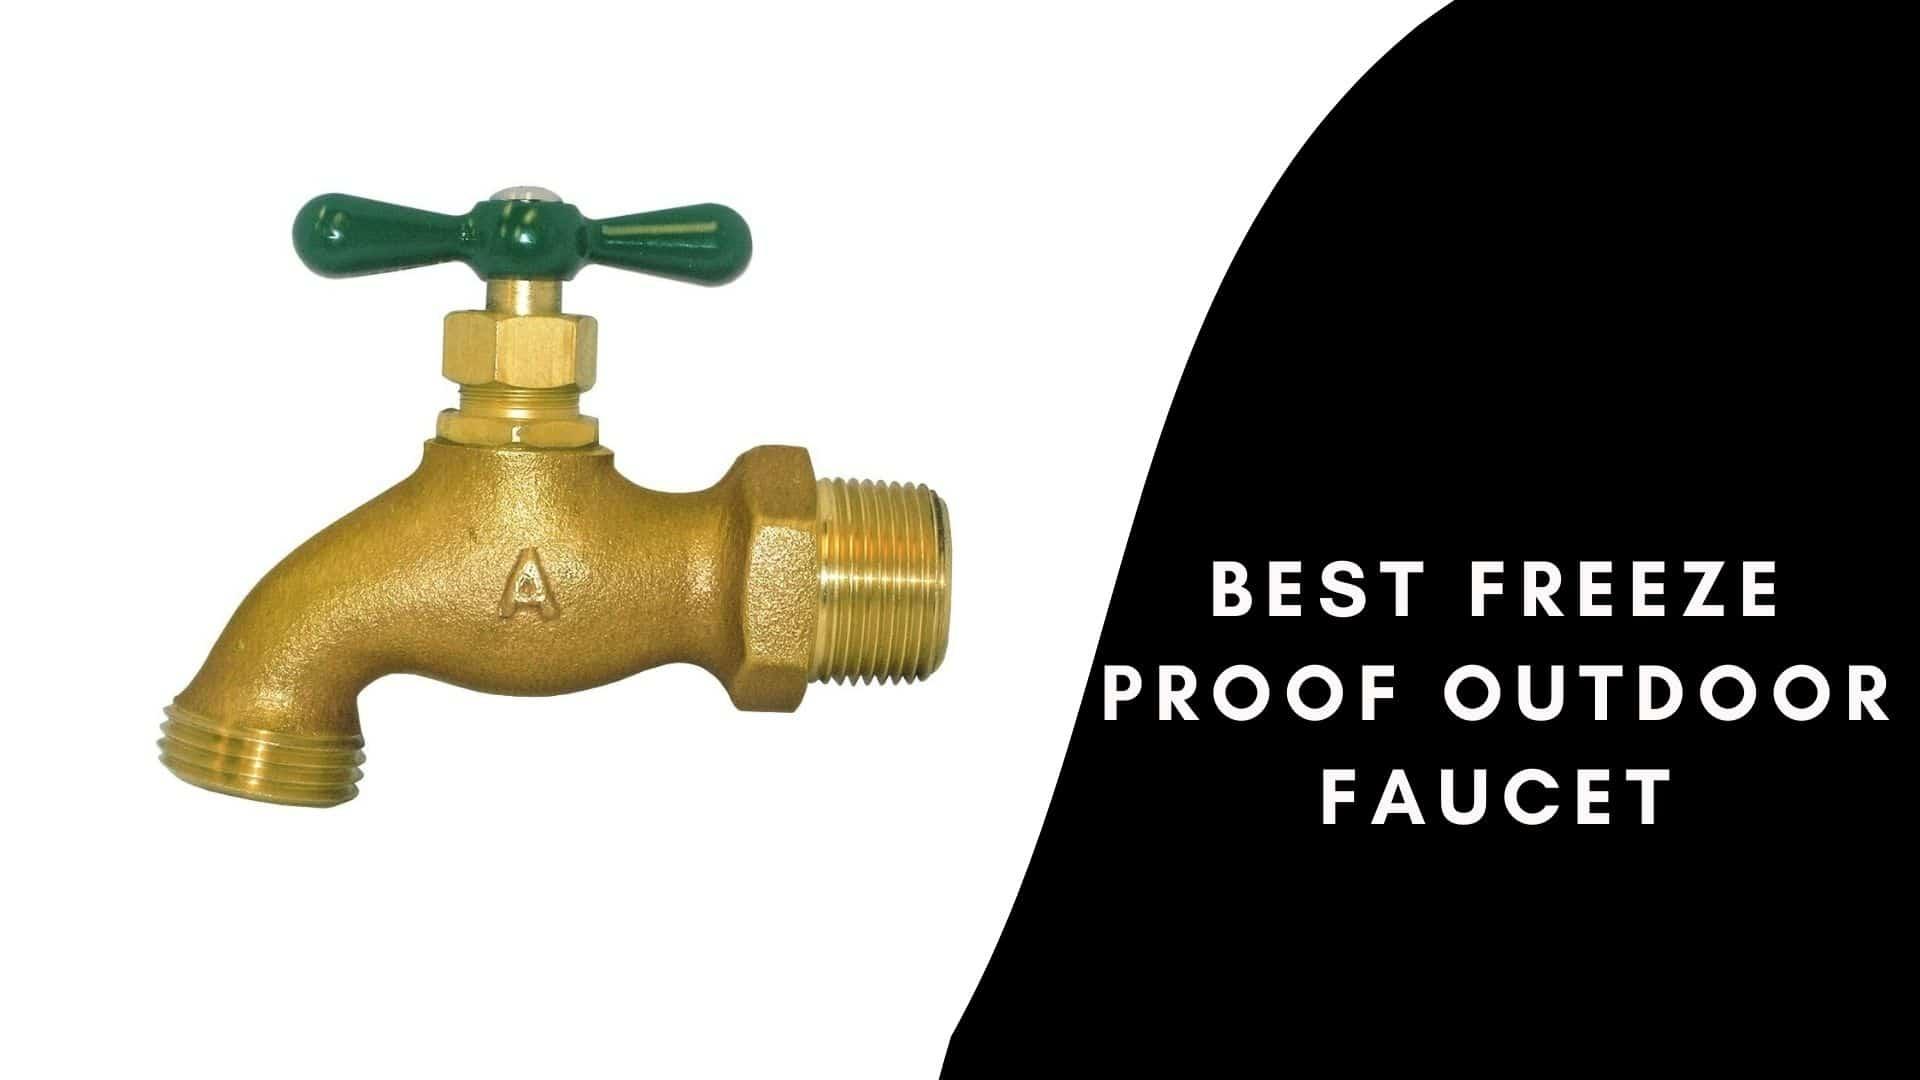 Best-Freeze-Proof-Outdoor-Faucet